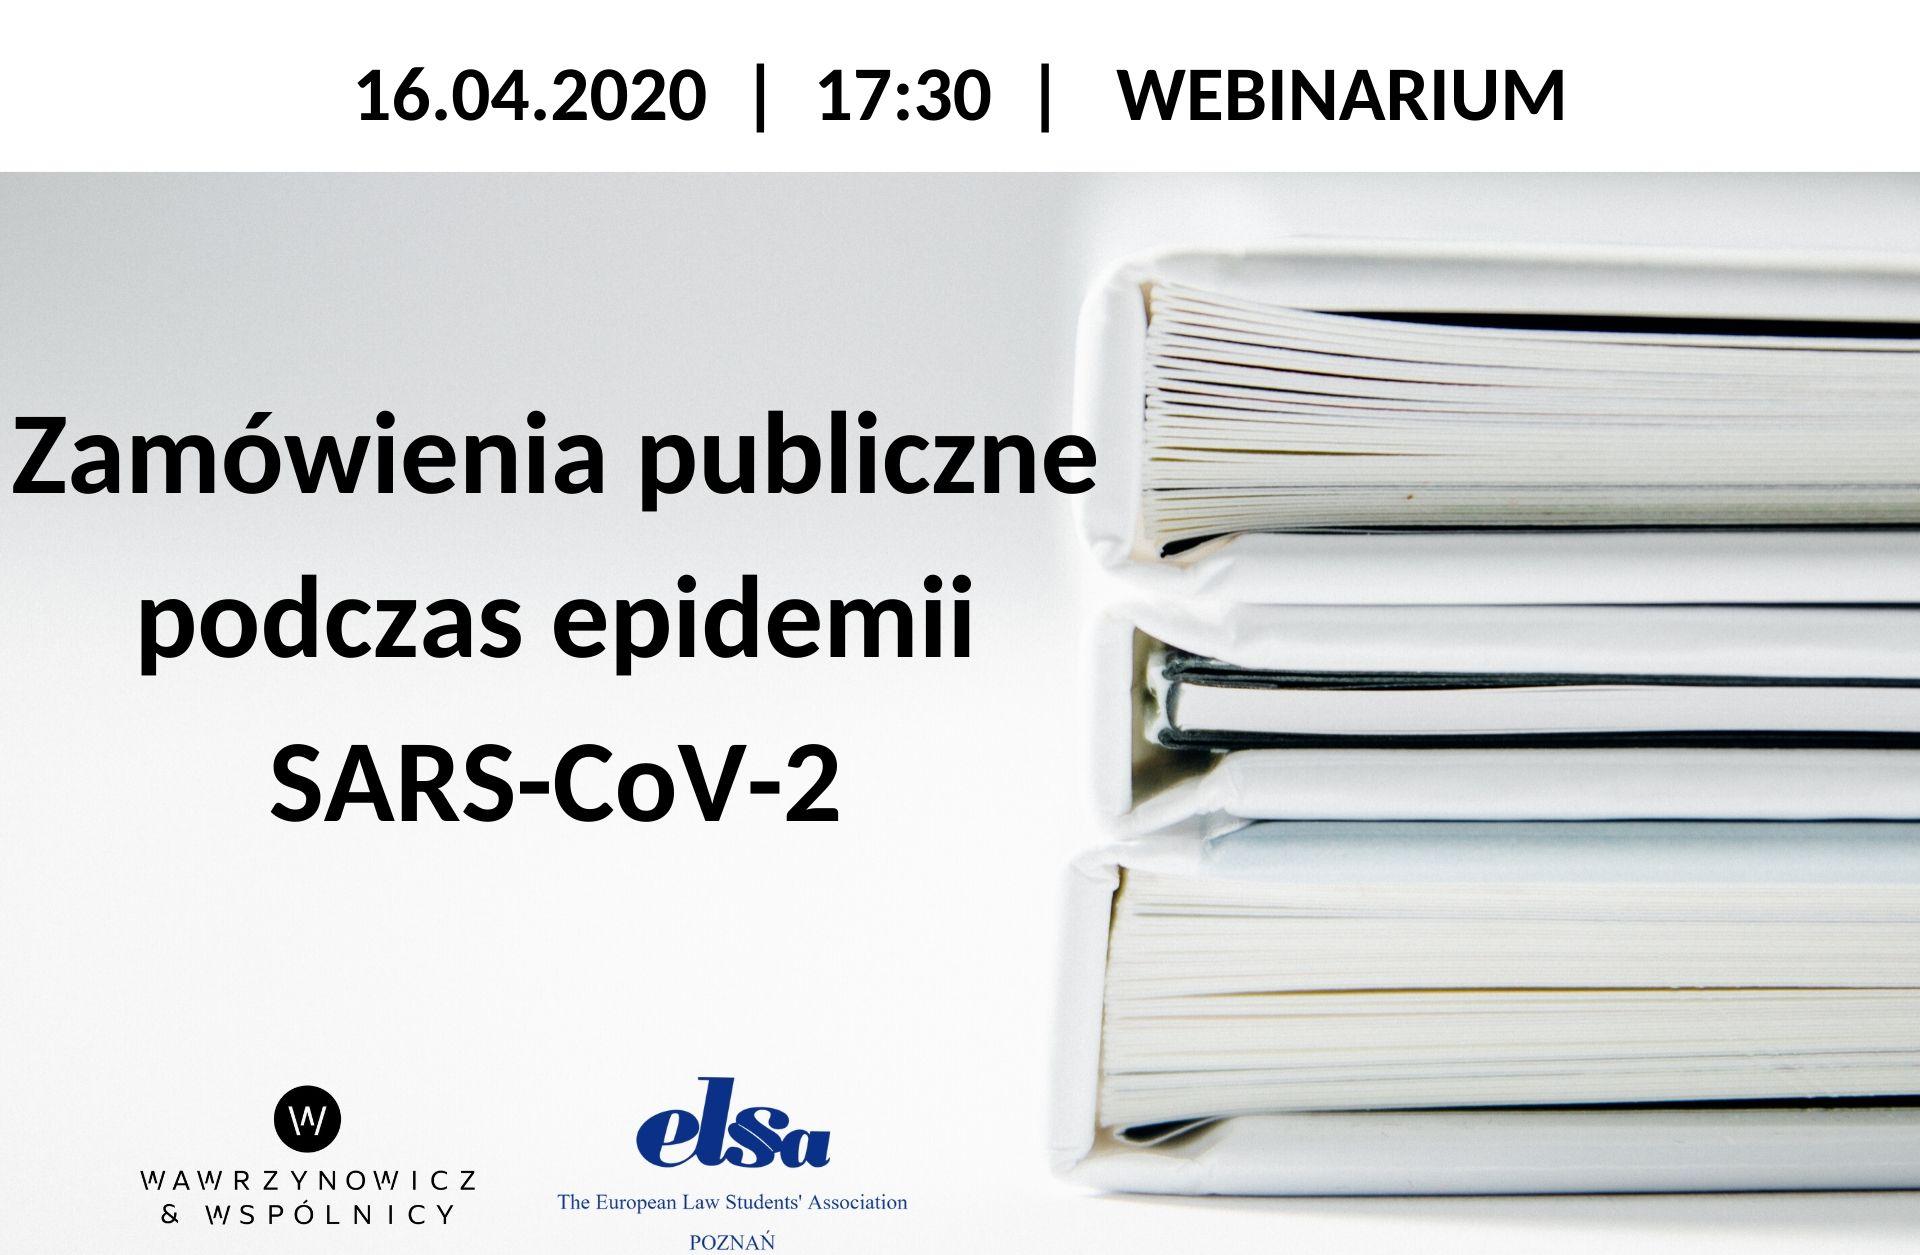 """Wykład otwarty """"Zamówienia publiczne podczas epidemii SARS-CoV-2"""""""